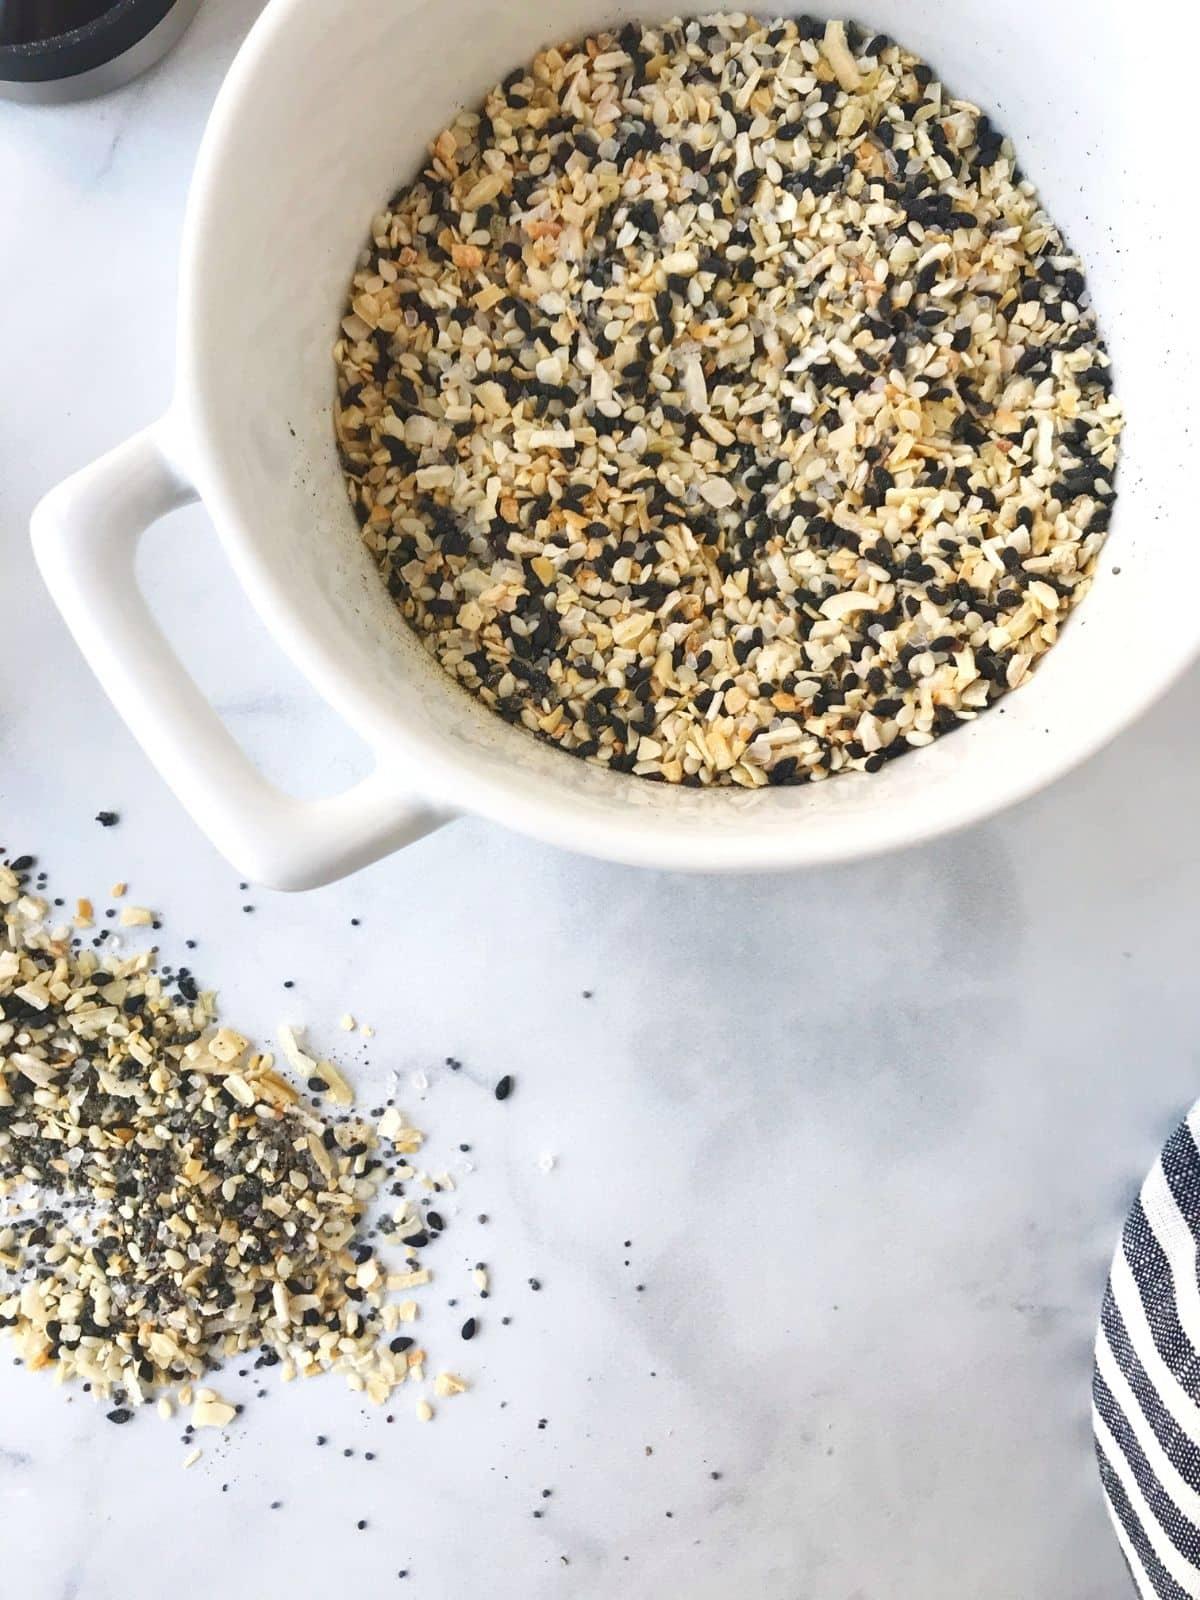 bowl of seasoning mix